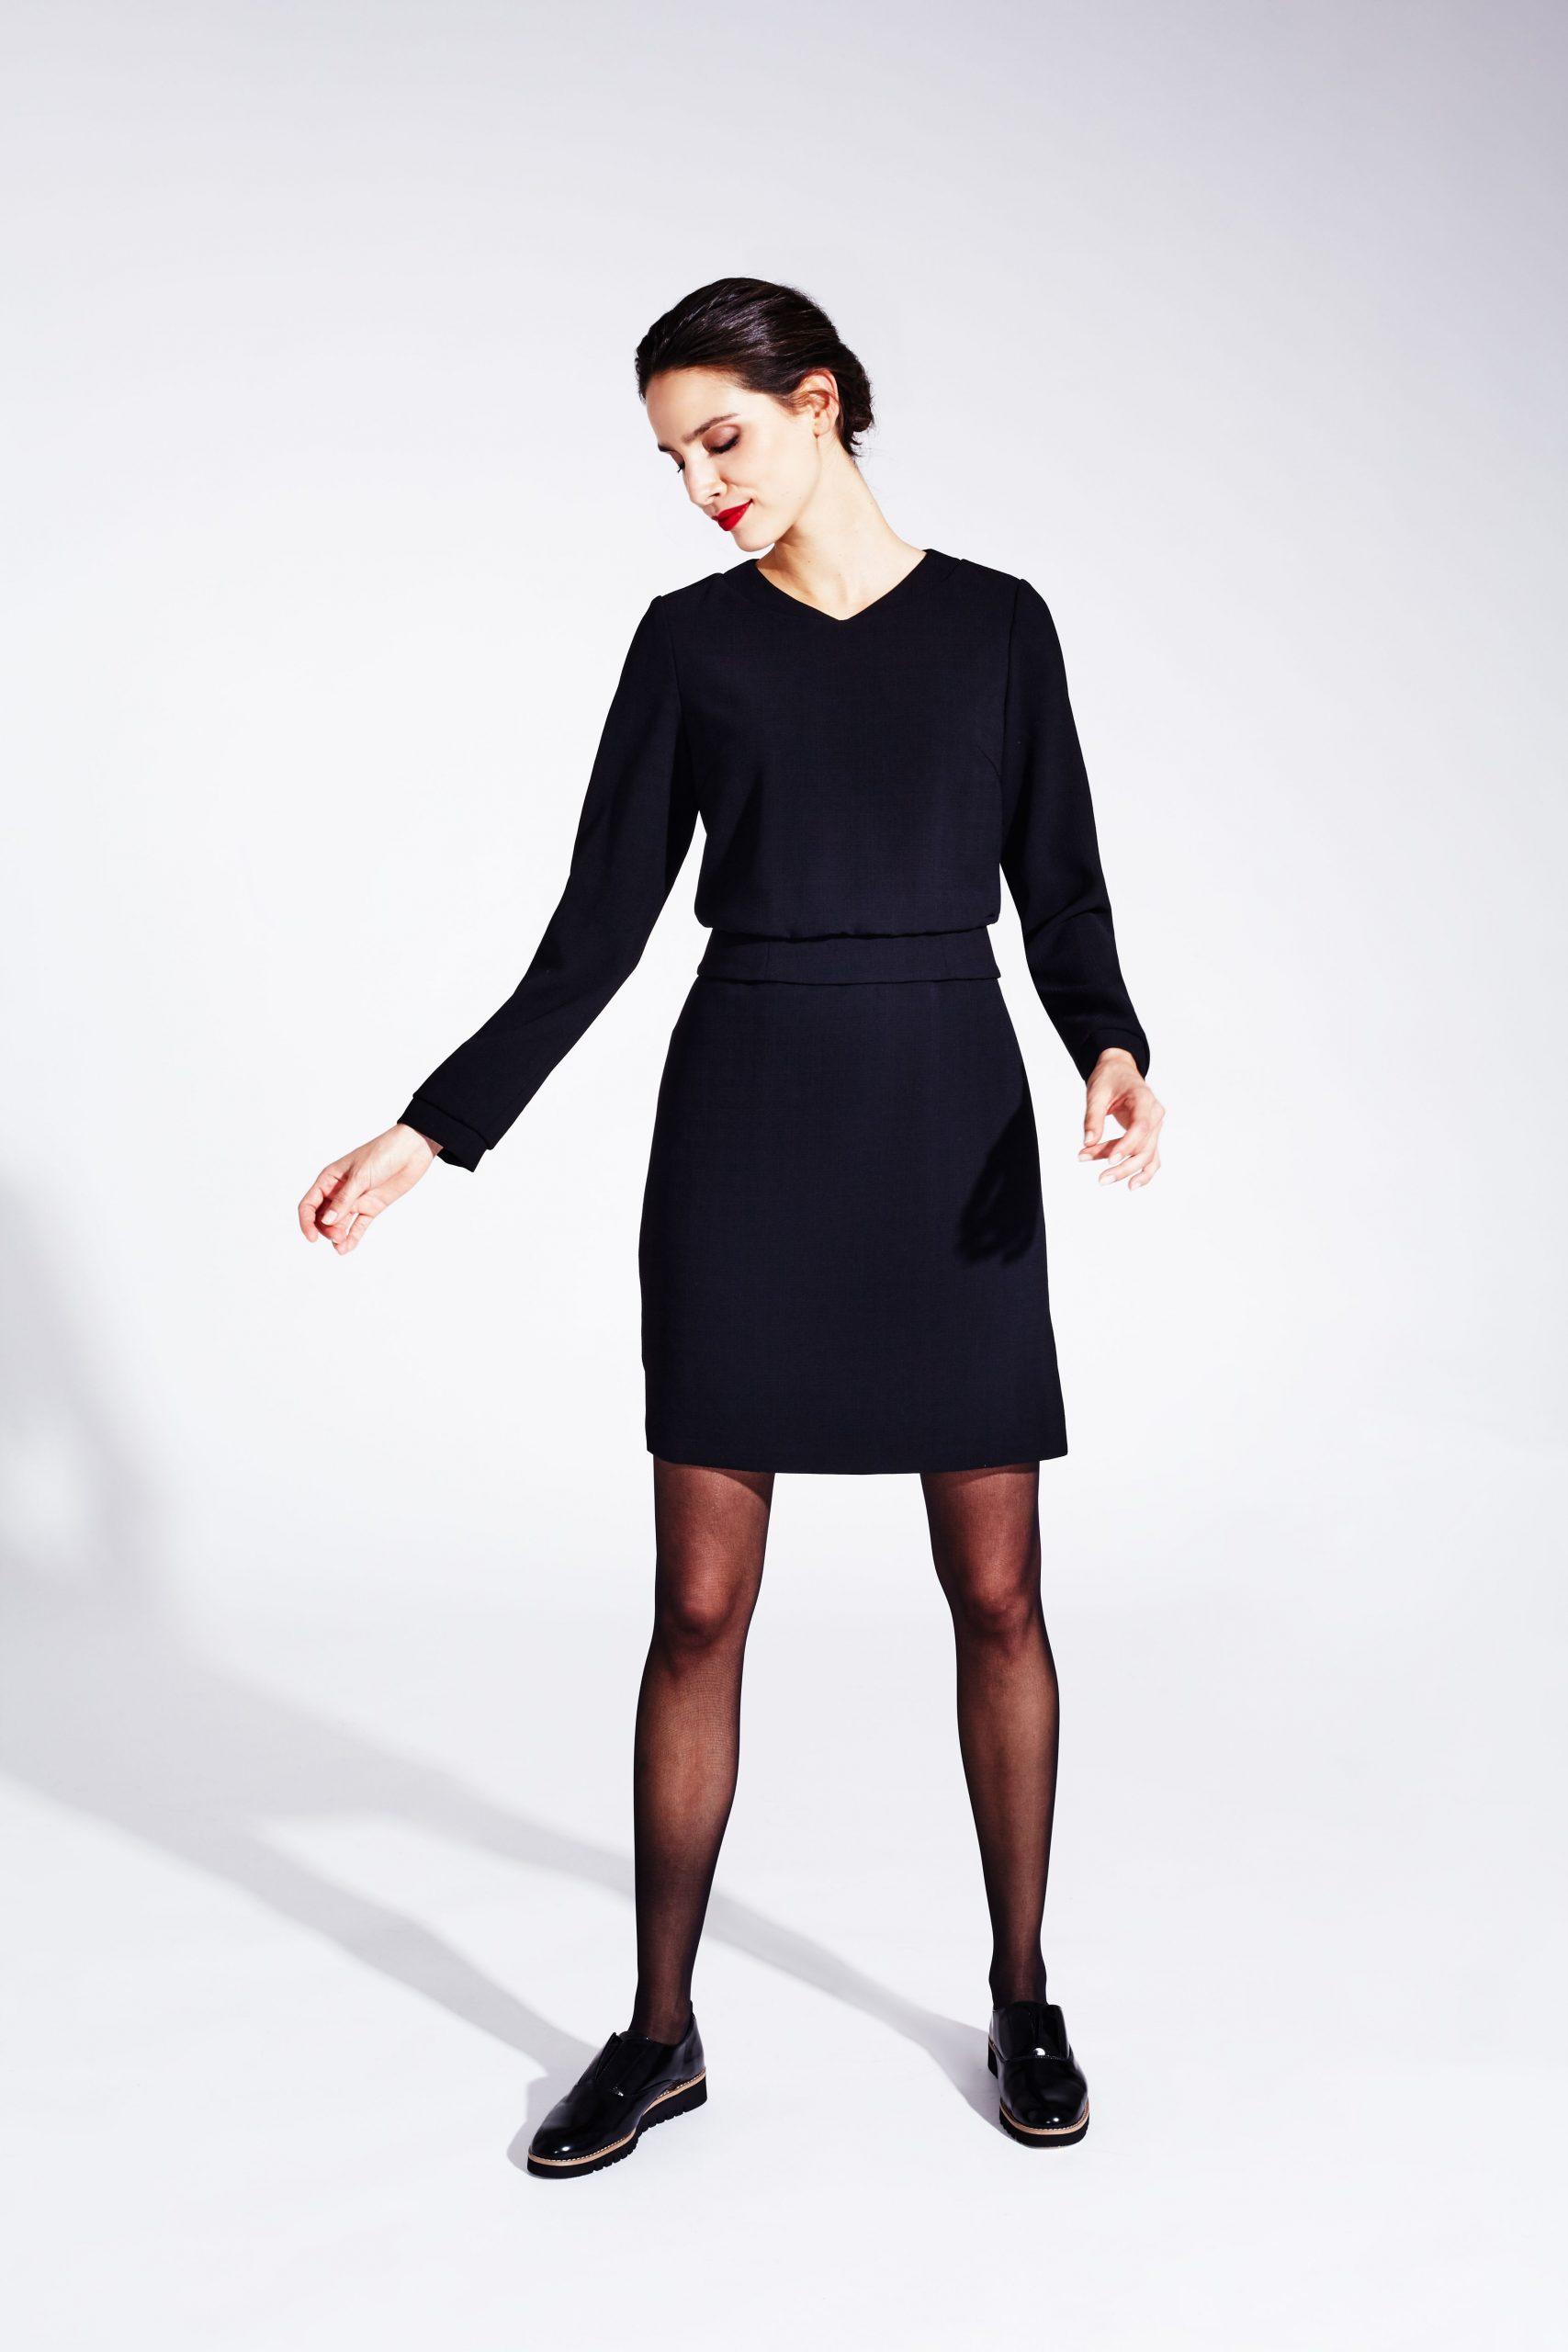 Sportlichschickes Kleine Schwarze Blouson Kleid